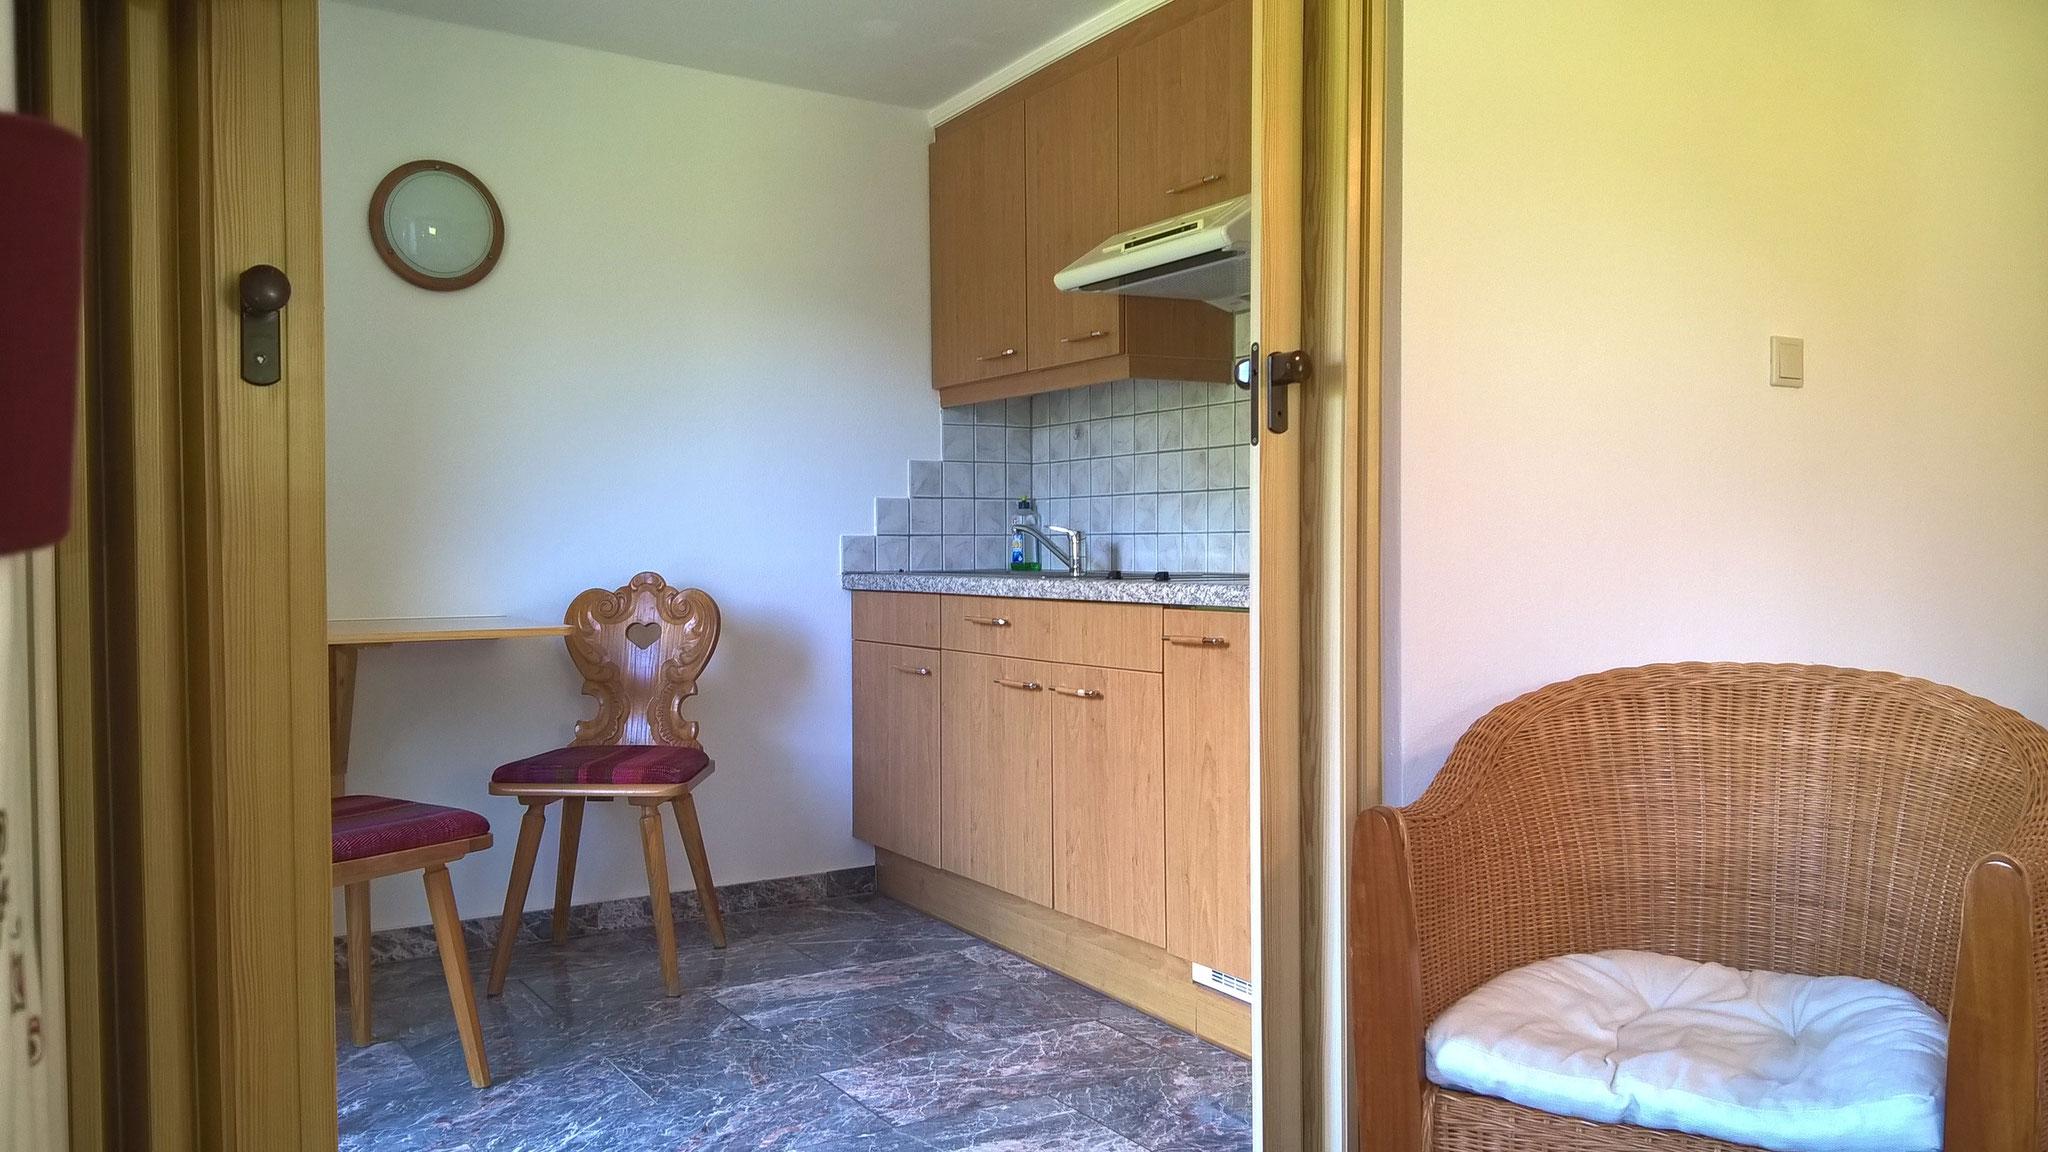 Küche mit Balkon, ausgestattet mit 2 Herdplatten, Kaffeemaschine, Toaster, Wasserkocher